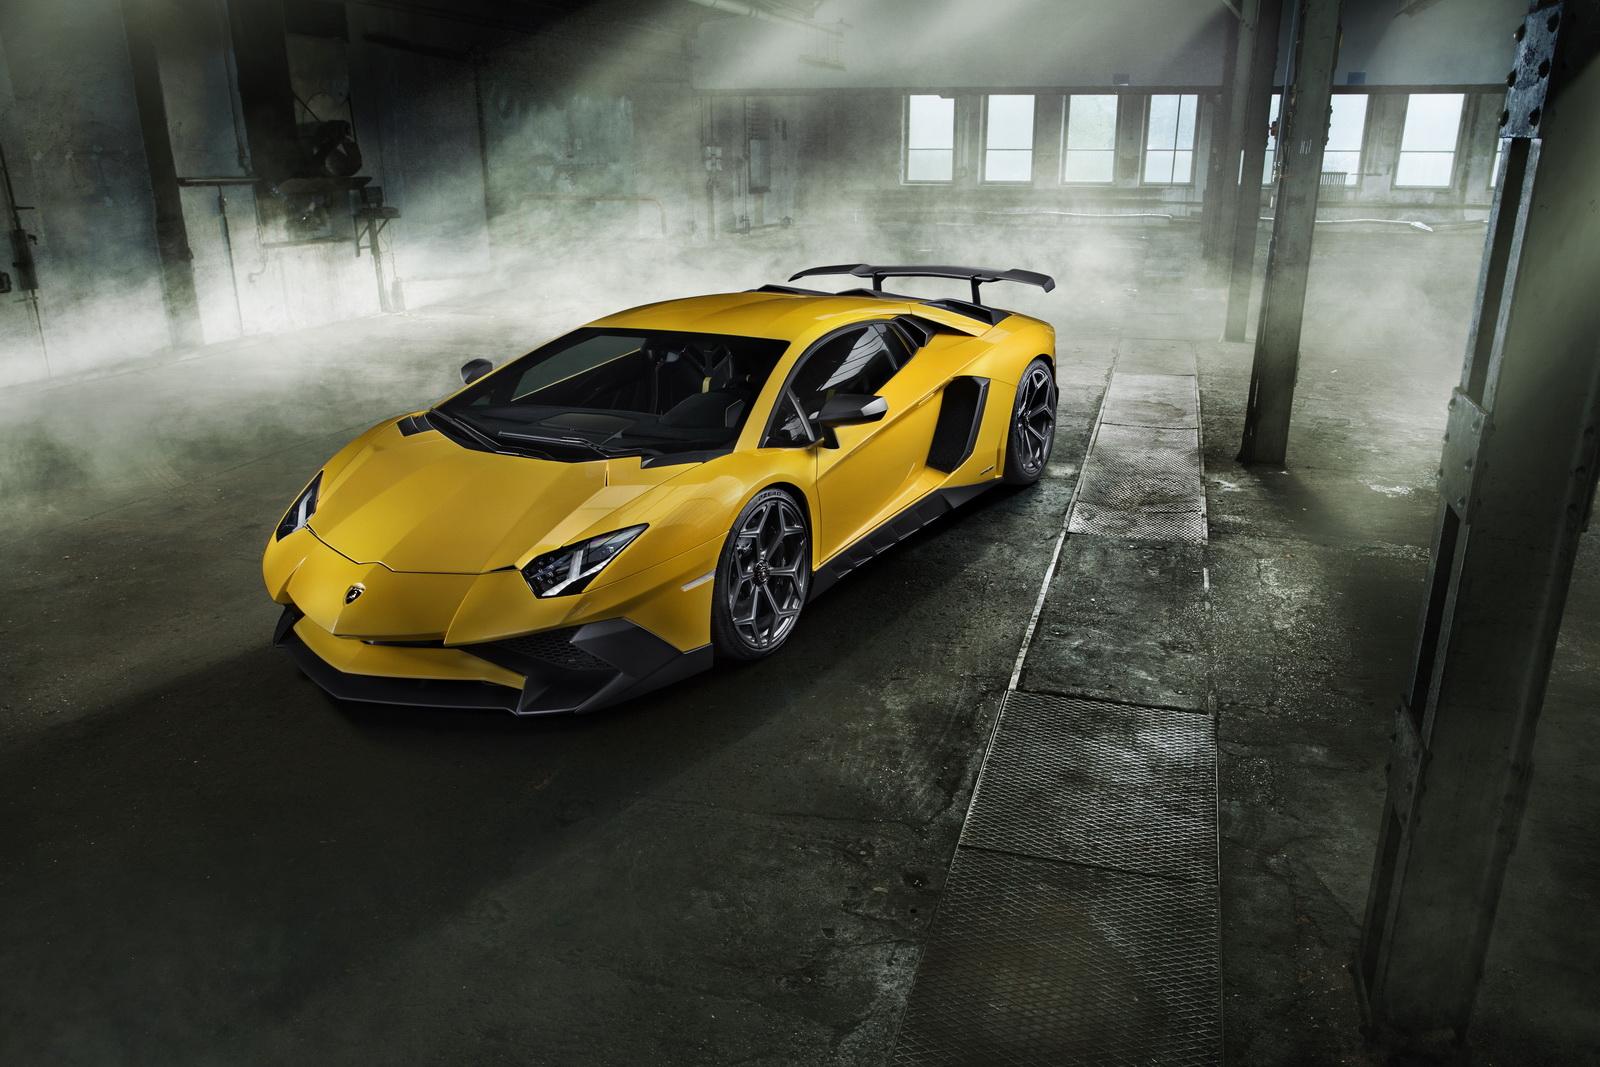 Lamborghini Aventador SV đã mạnh, nay còn mạnh hơn, nhanh hơn và cực kỳ cuốn hút